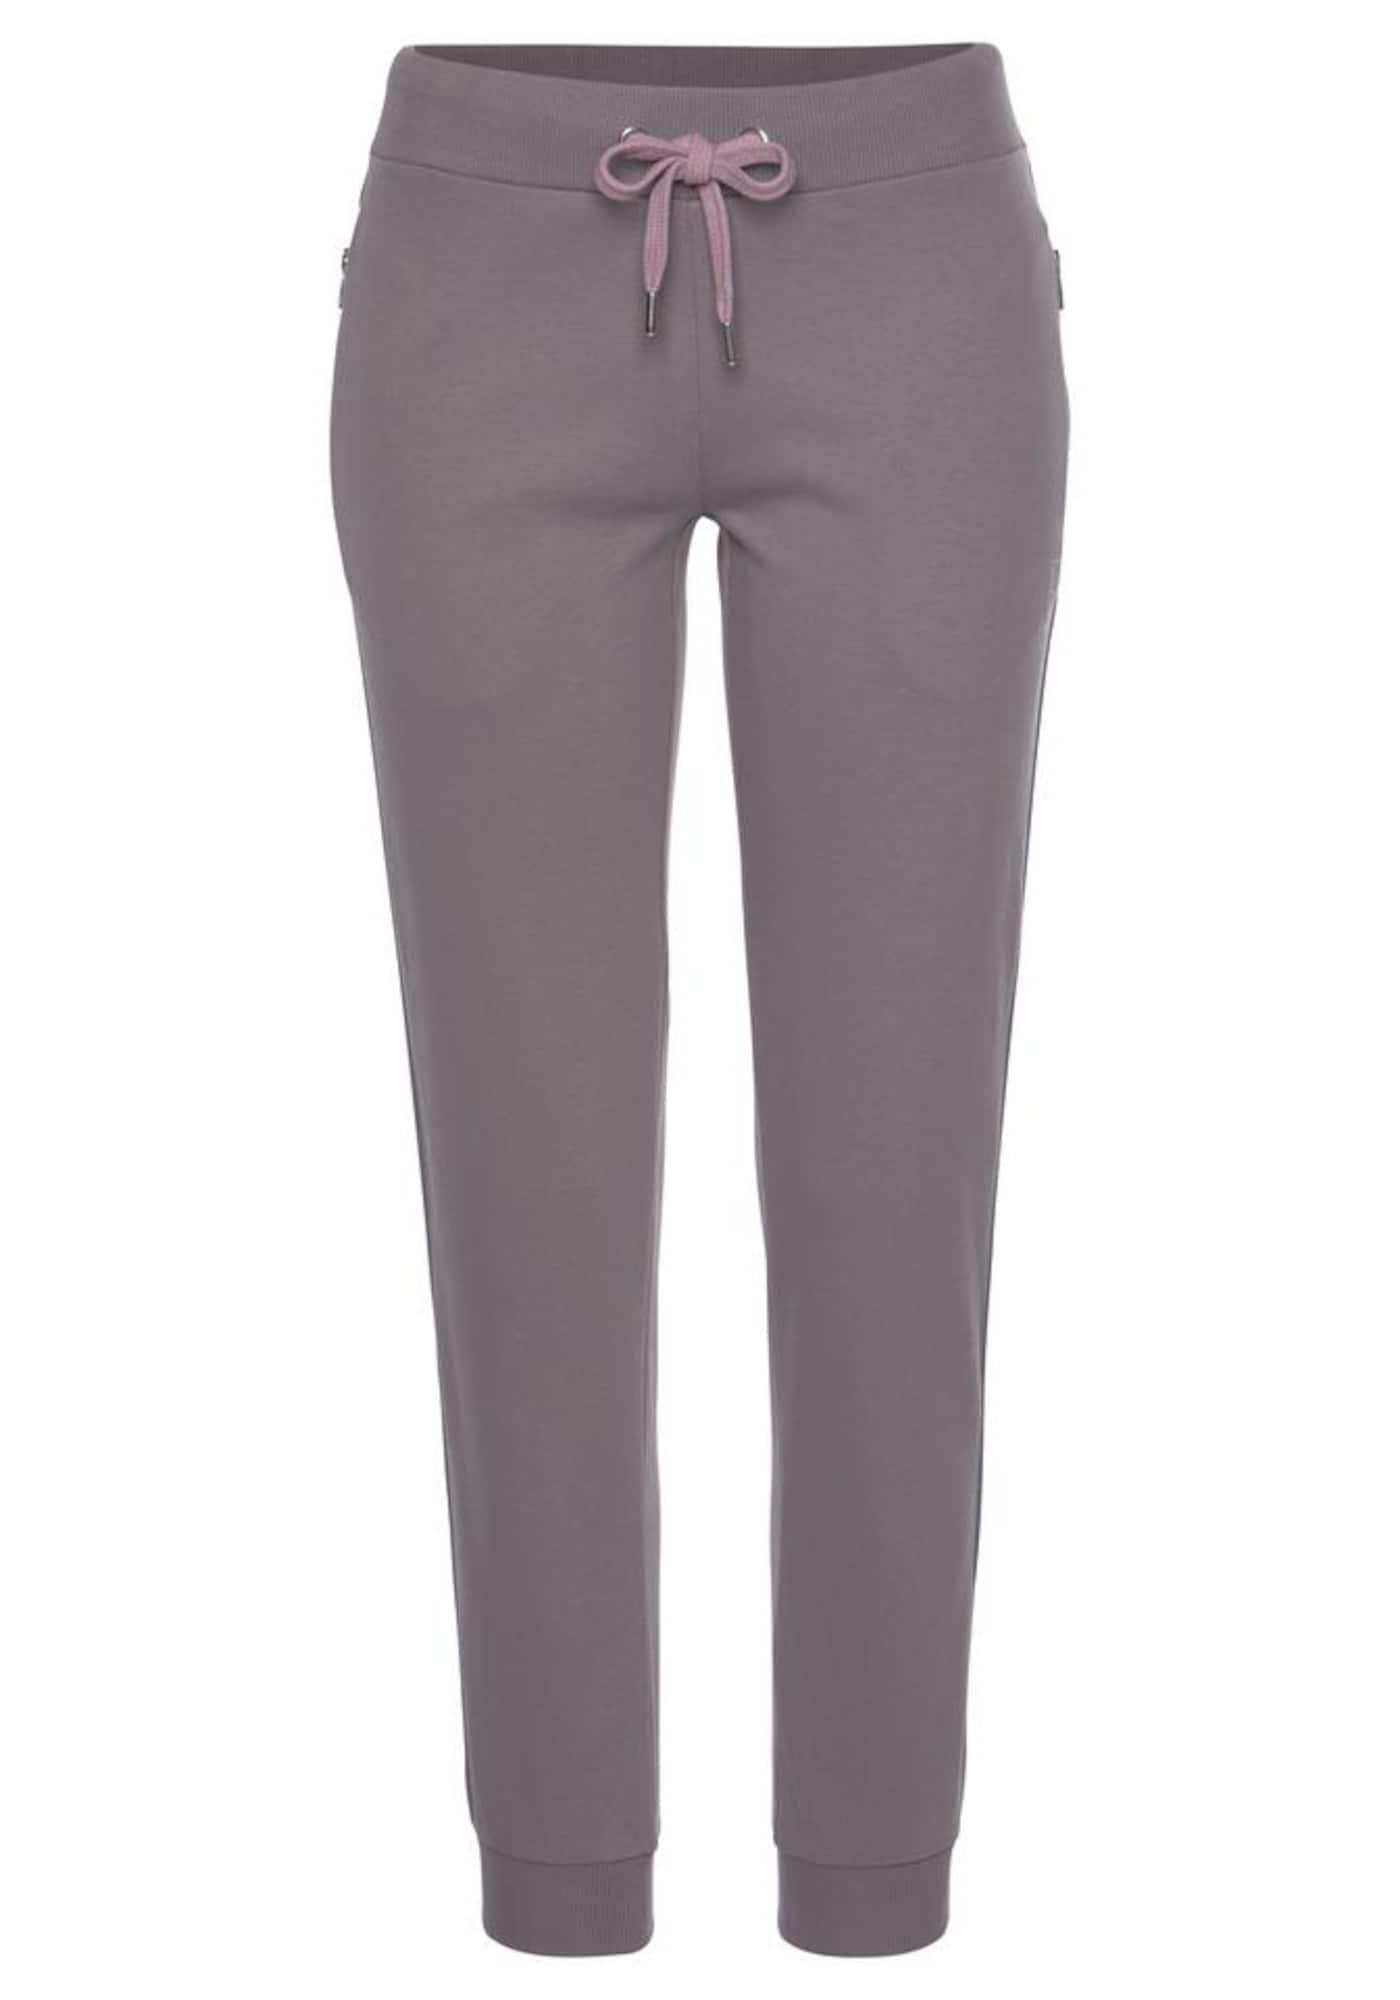 LASCANA ACTIVE Sportinės kelnės rausvai pilka